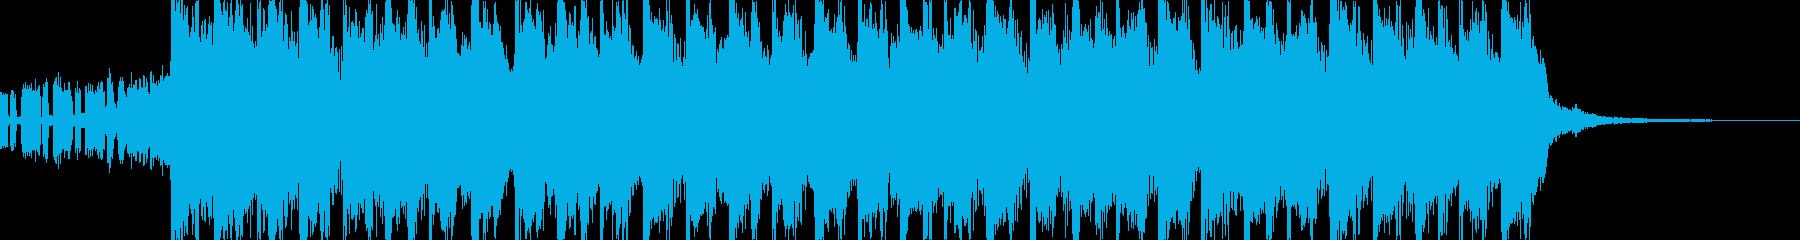 爽やか、おしゃれ、EDM系CM曲15秒の再生済みの波形